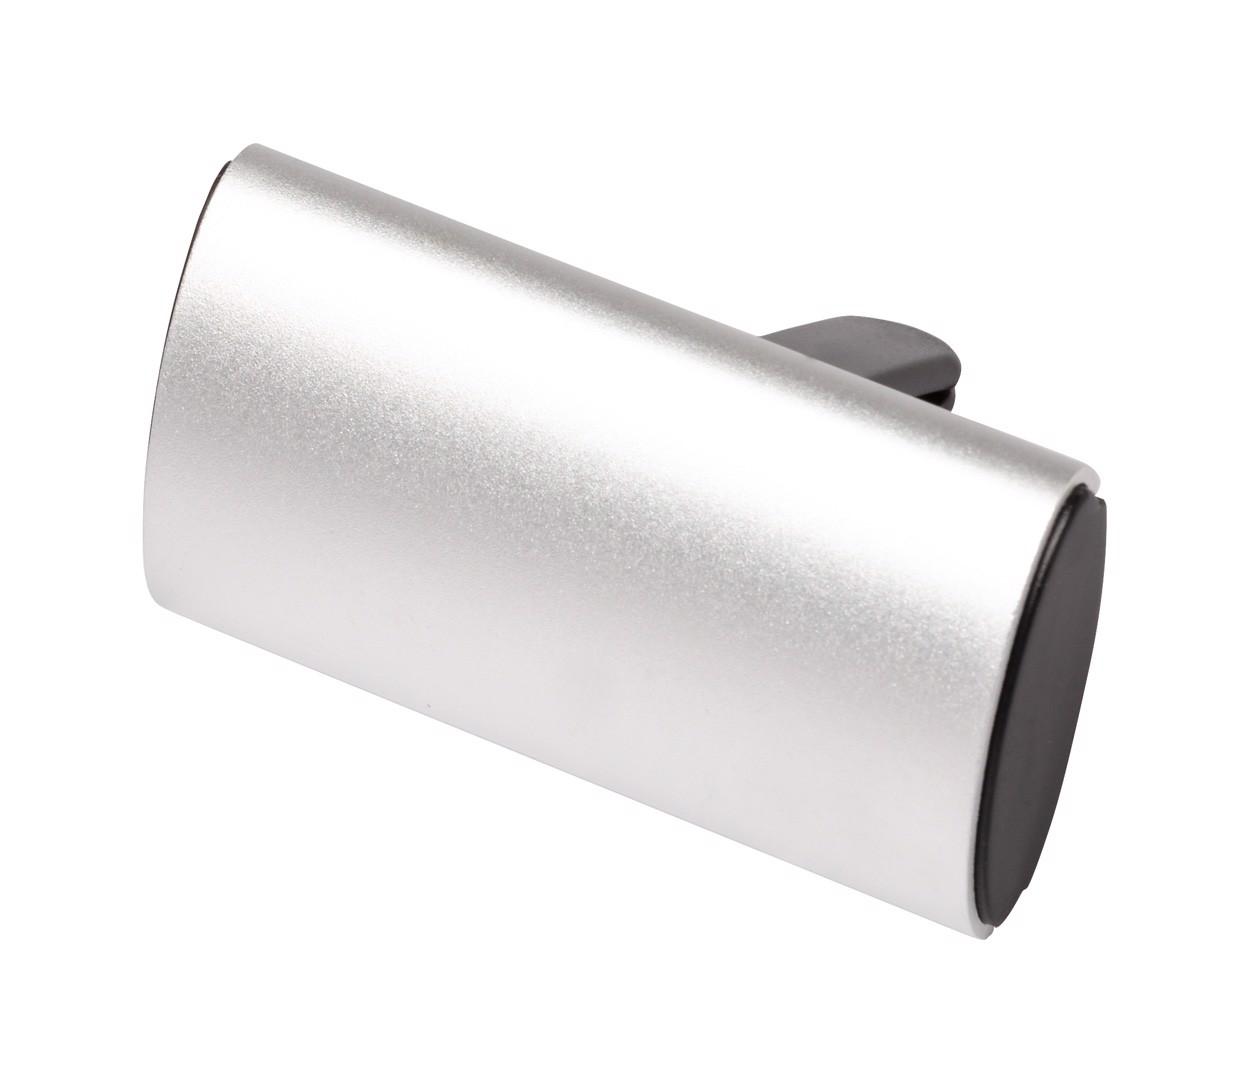 Car Air Freshener Becrux - Silver